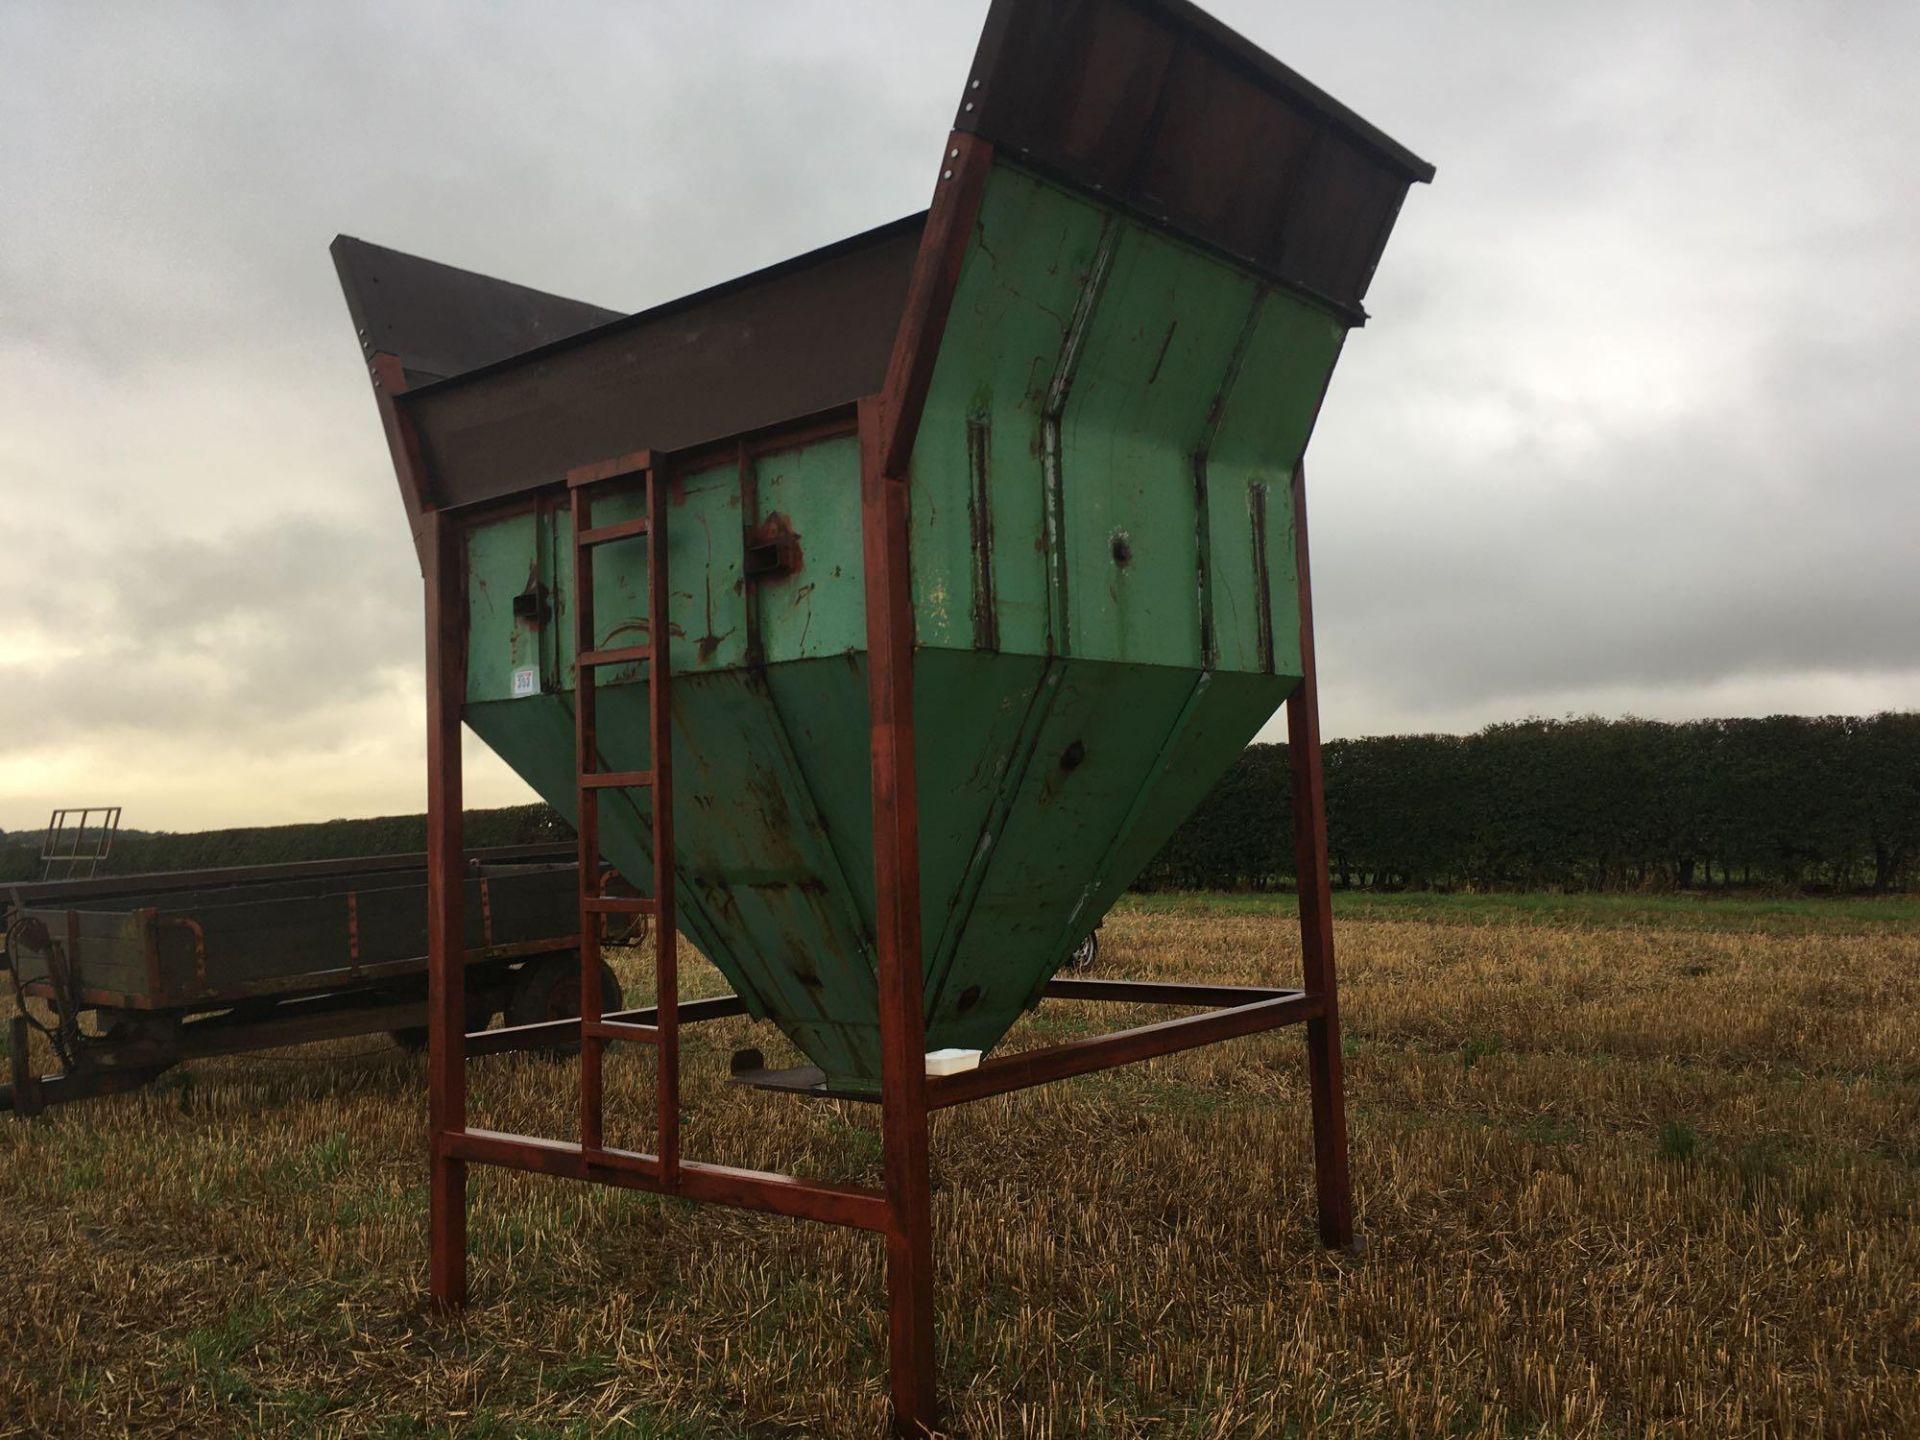 Freestanding 5t grain hopper - Image 2 of 5